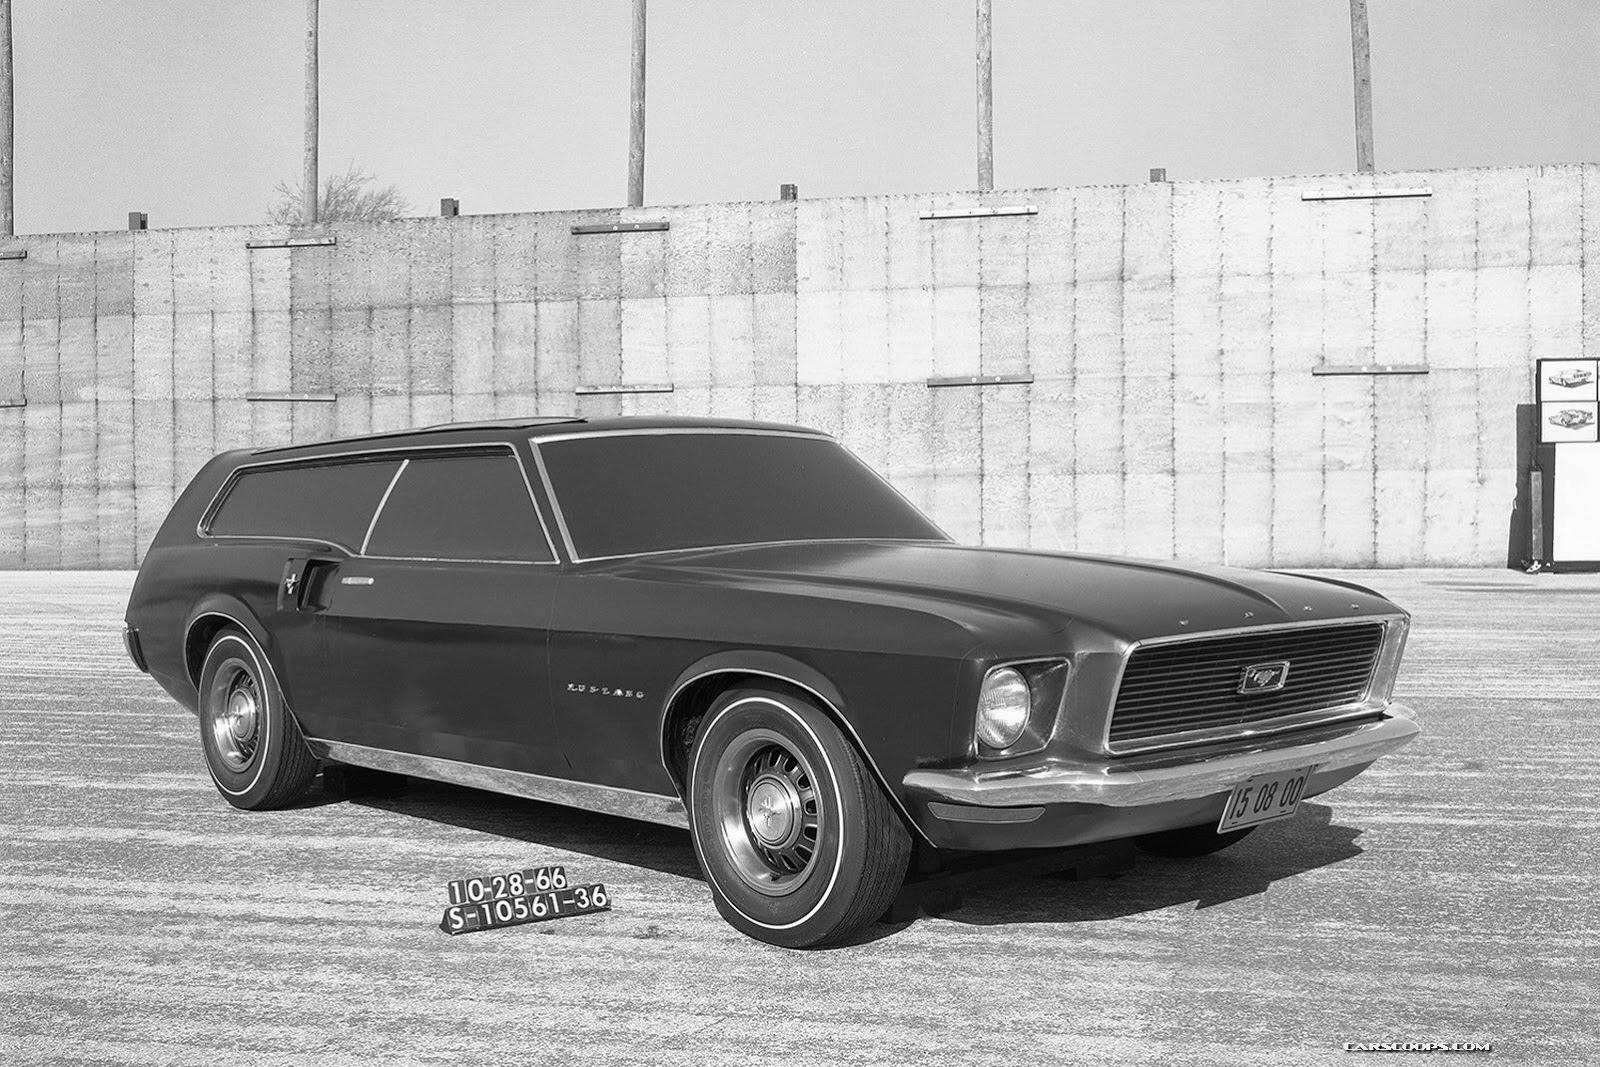 Sin duda el ford mustang es uno de los coches m s ic nicos del mercado norteamericano presentado en 1964 para realizar el pony car por excelencia